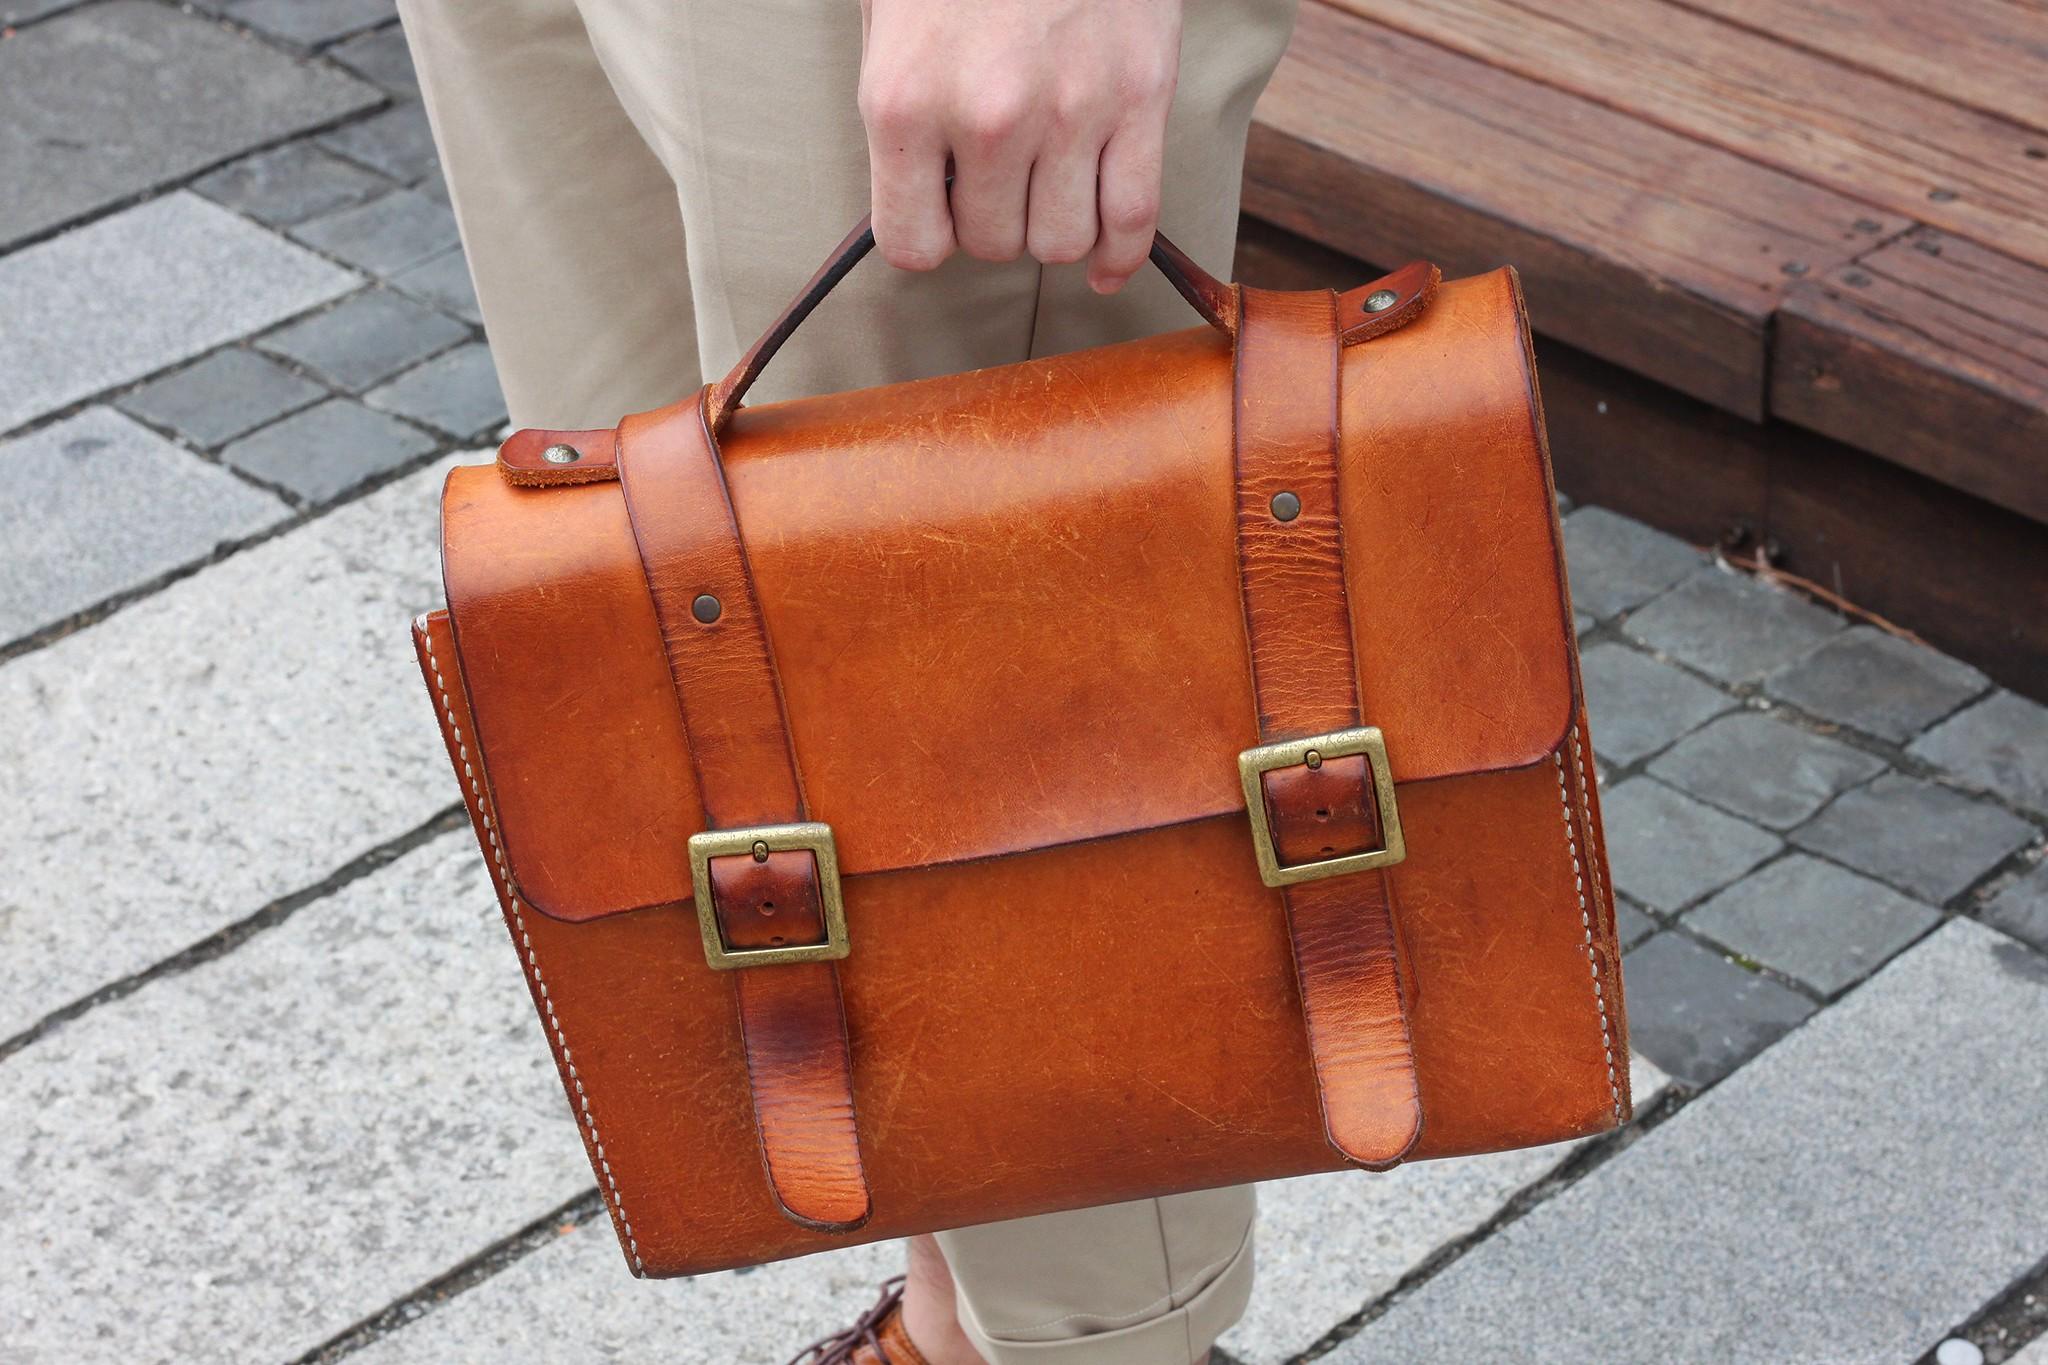 Syd's briefcase